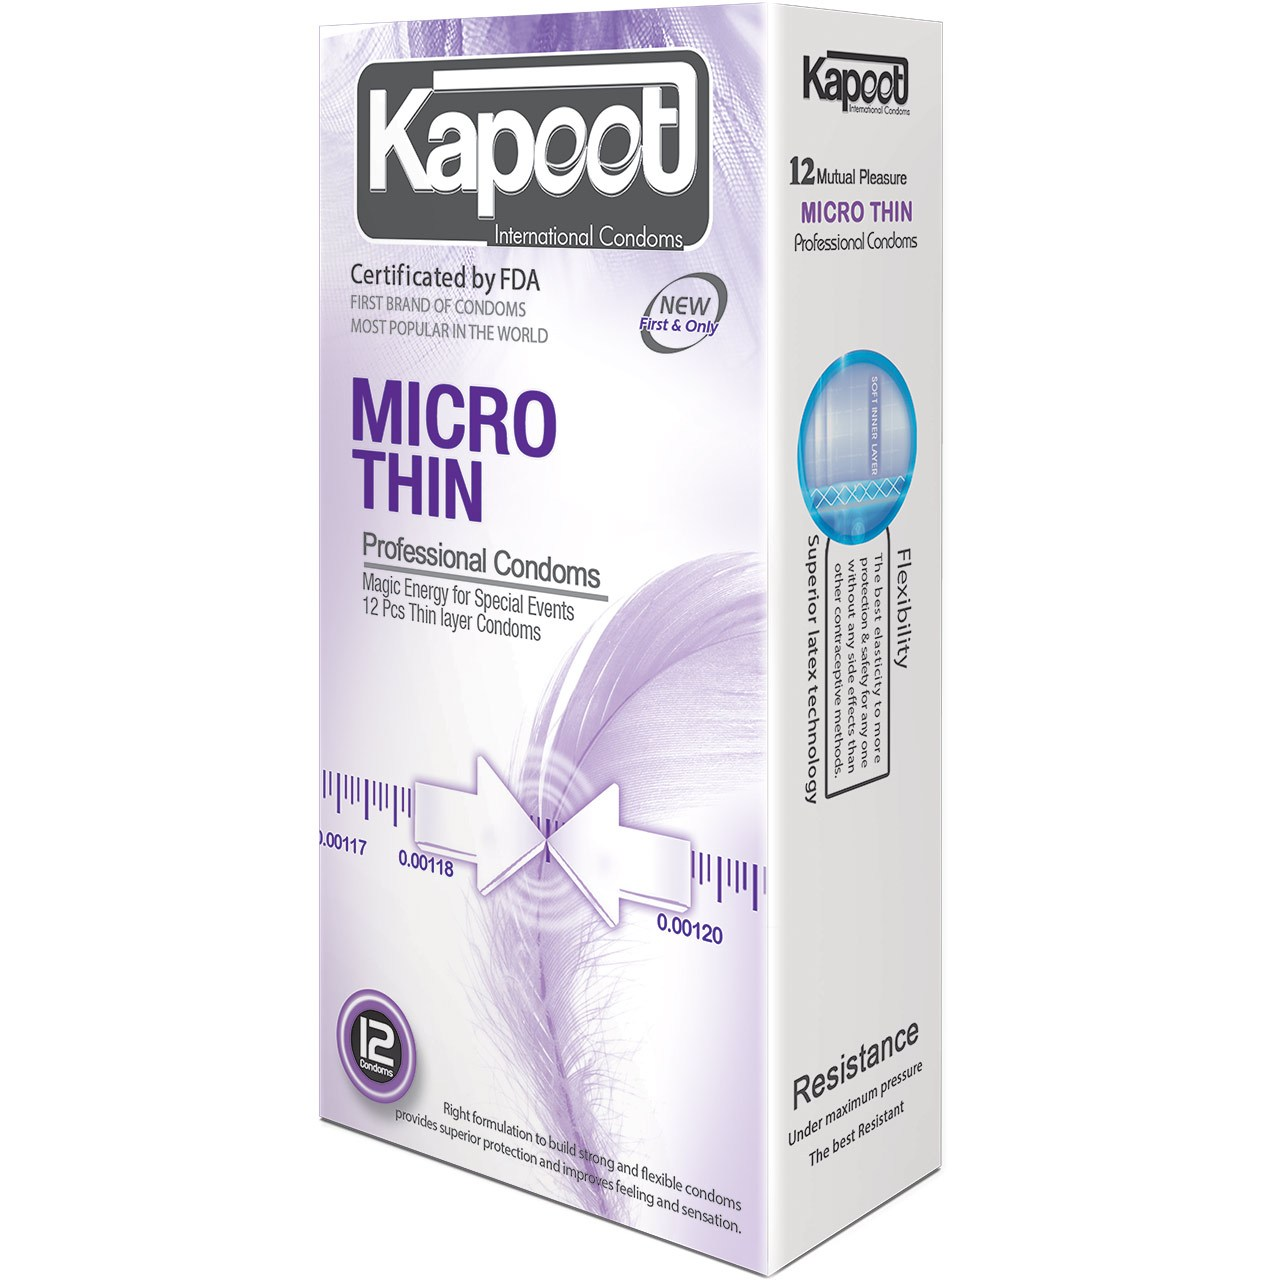 کاندوم کاپوت مدل Micro Thin بسته 12 عددی